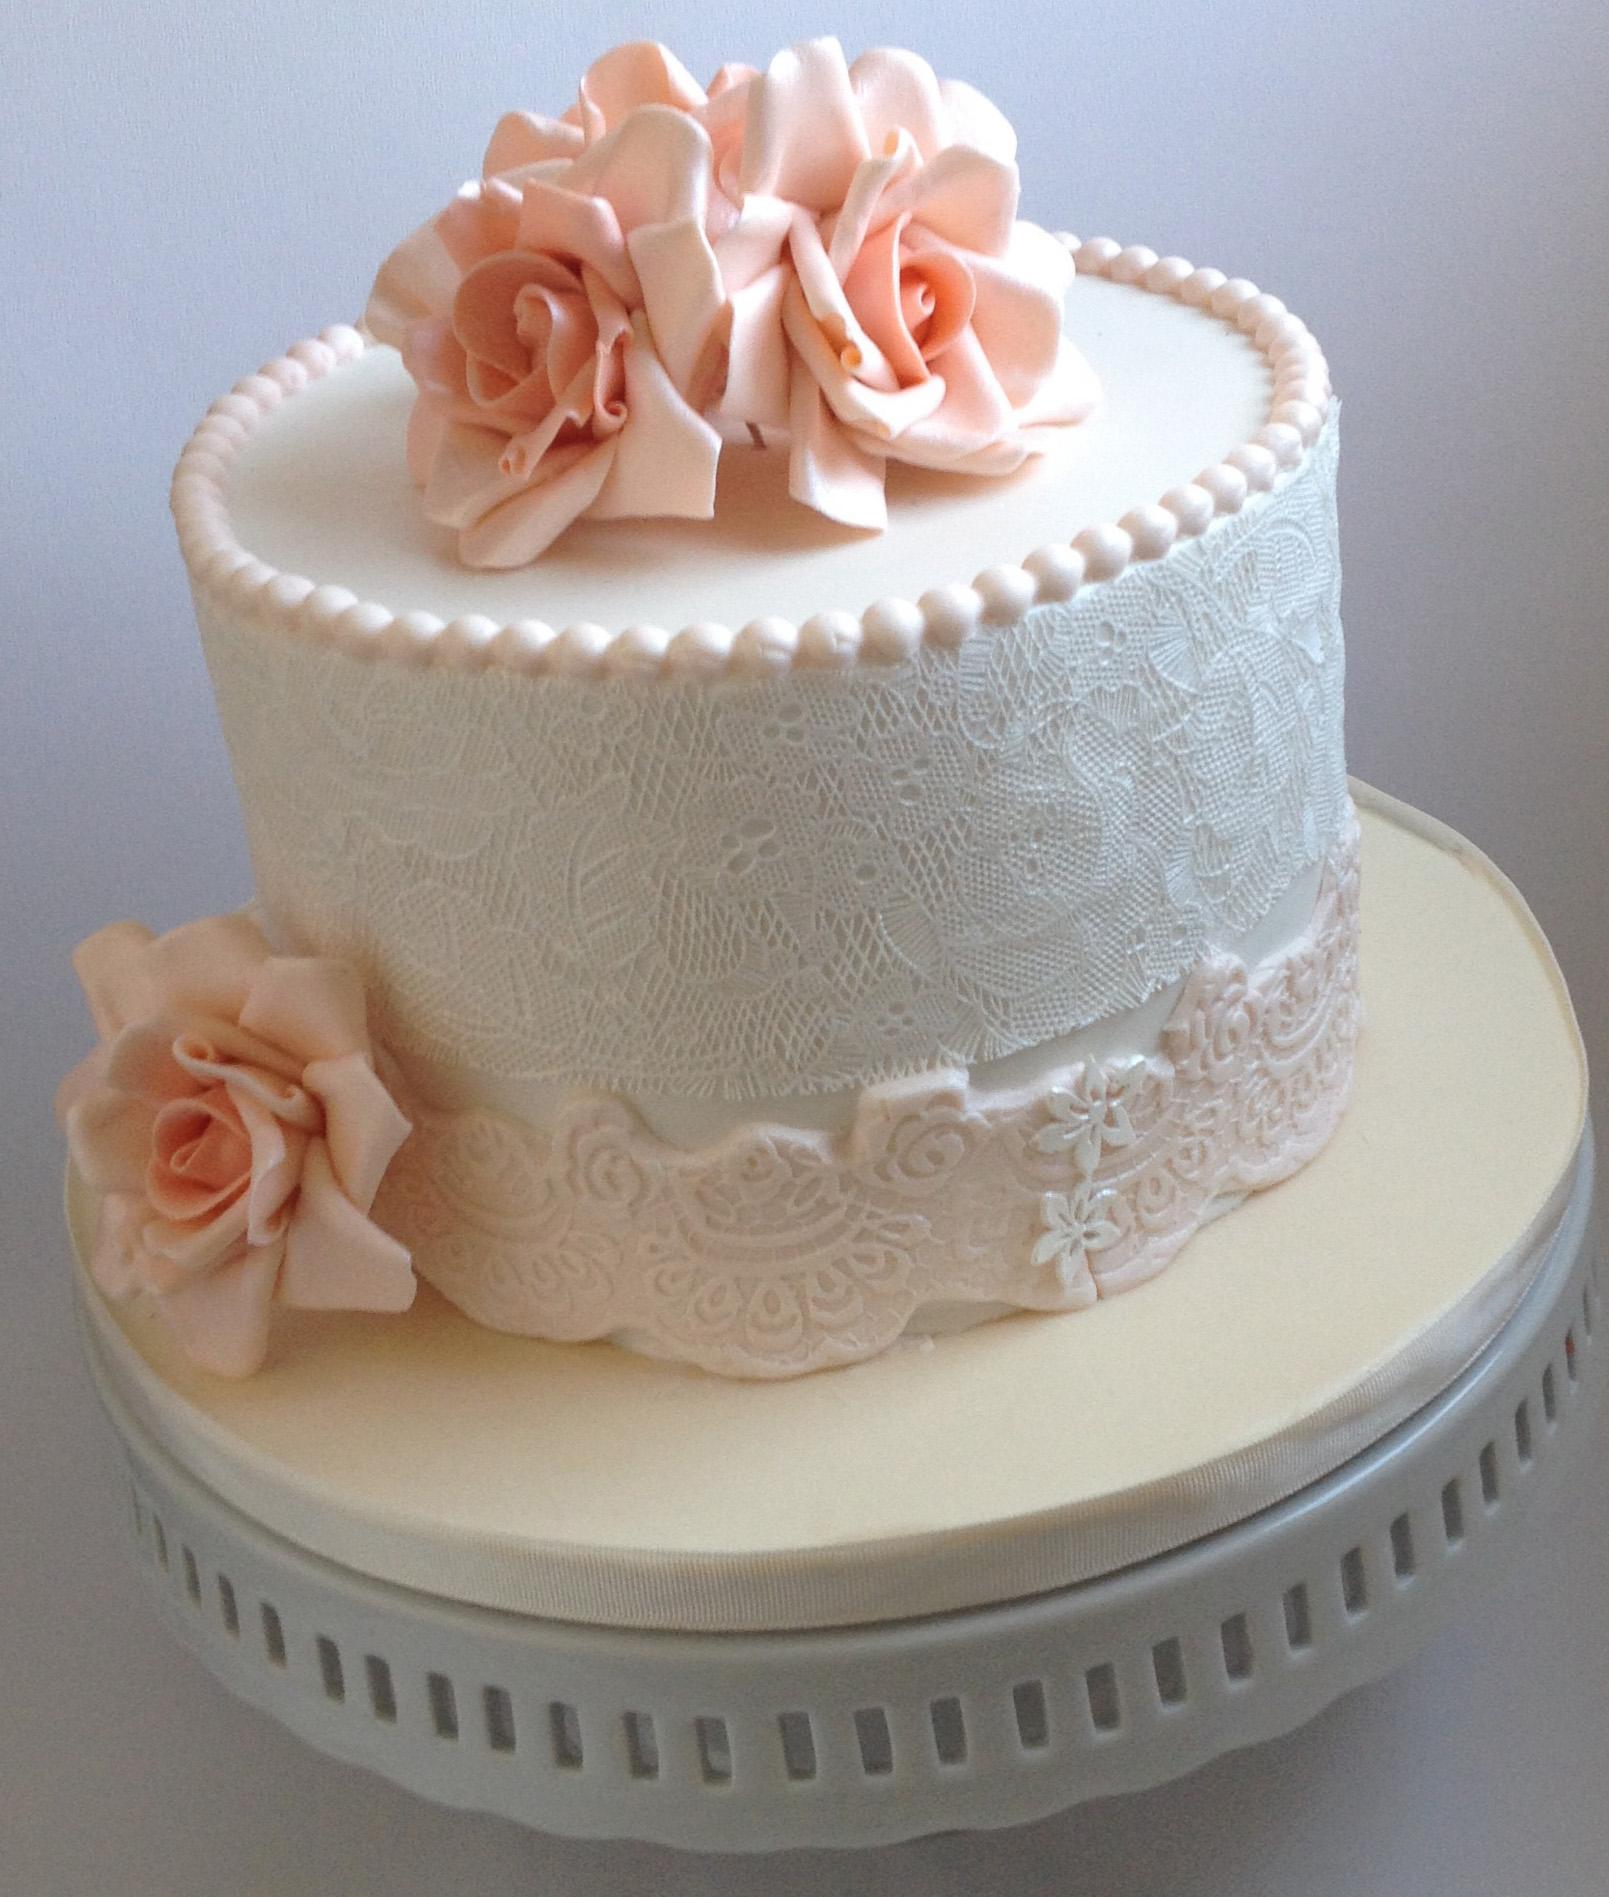 Pretty Birthday Cakes